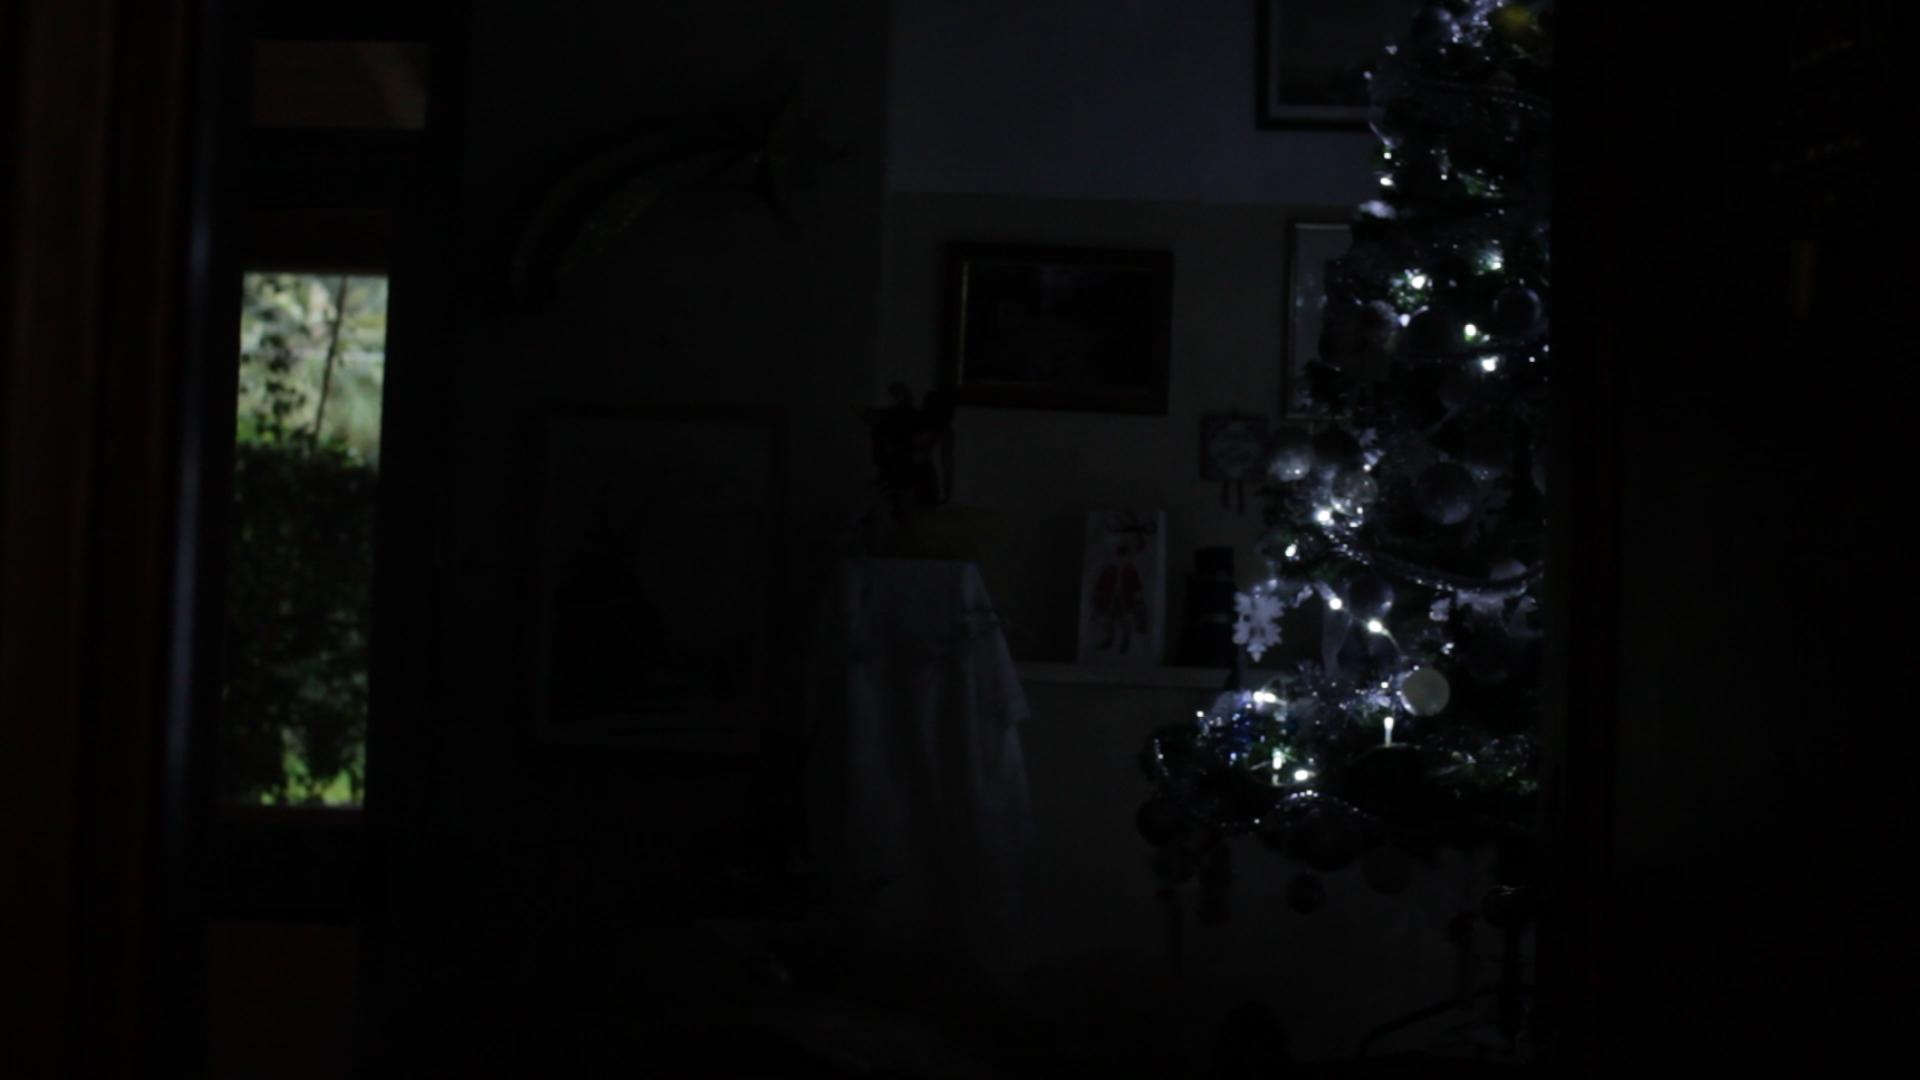 Room of Tears, still from video